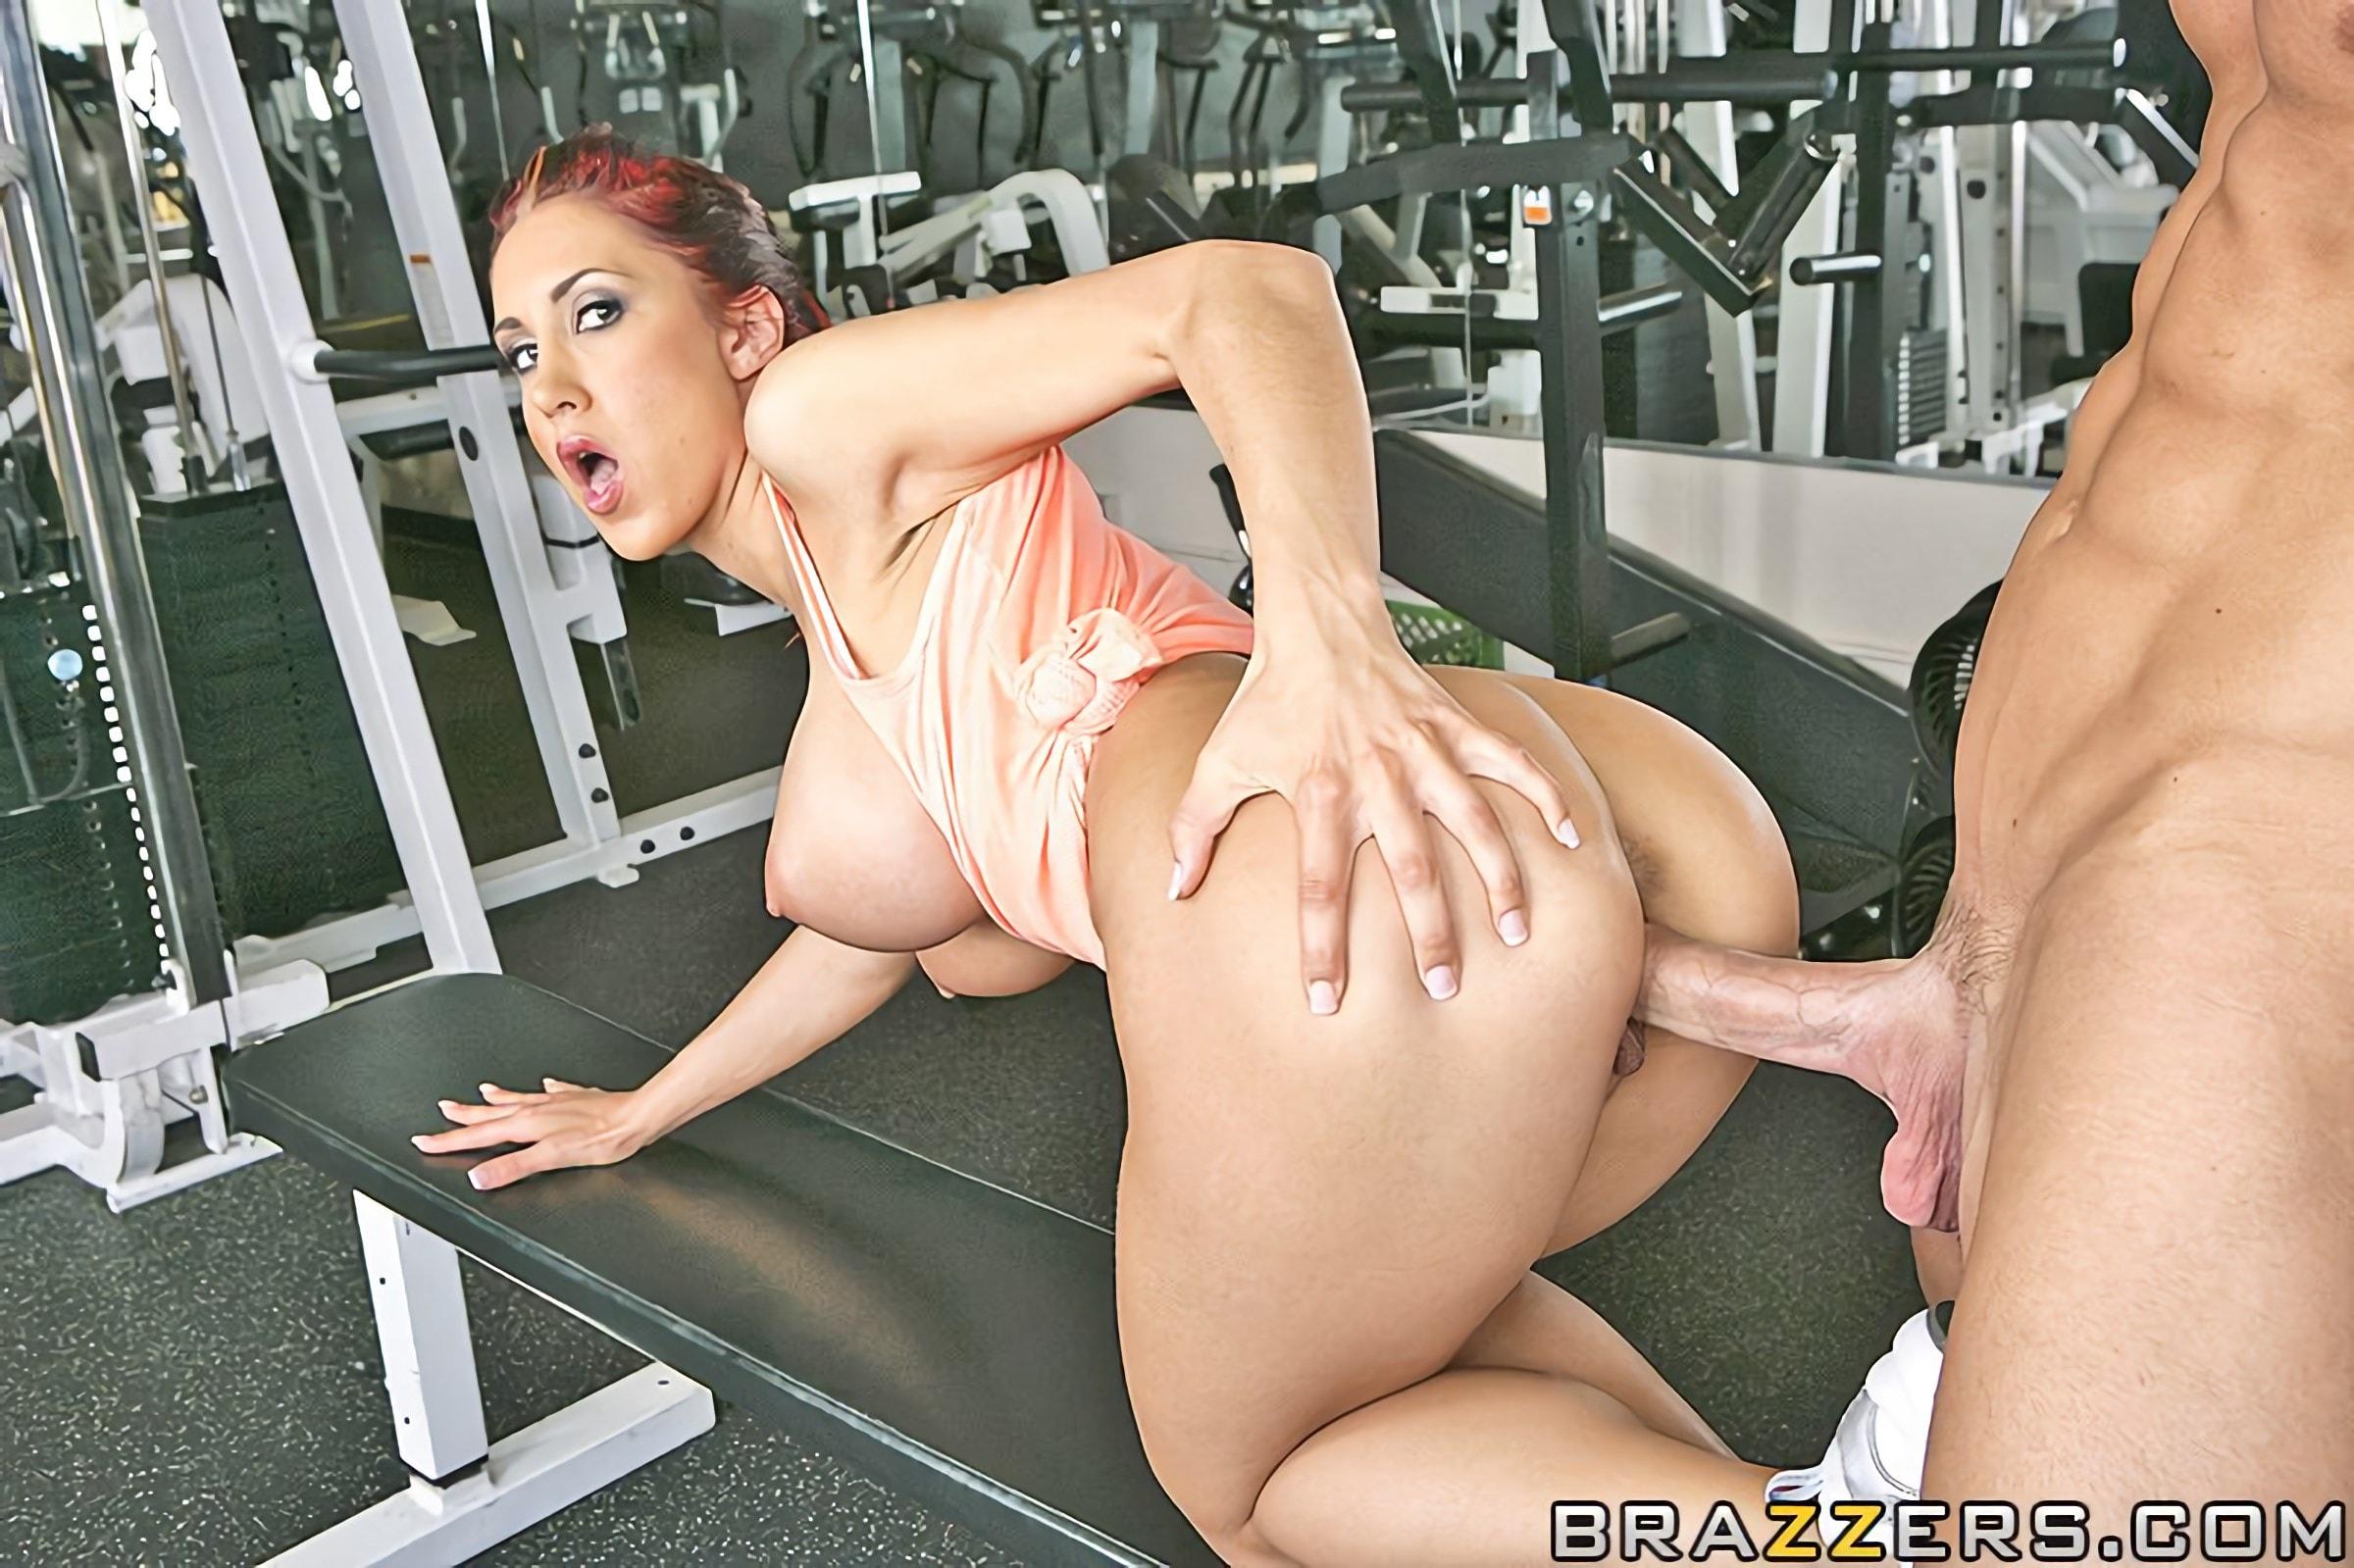 прошлый секс в тренажерном зале с тренером женщиной раньше люди